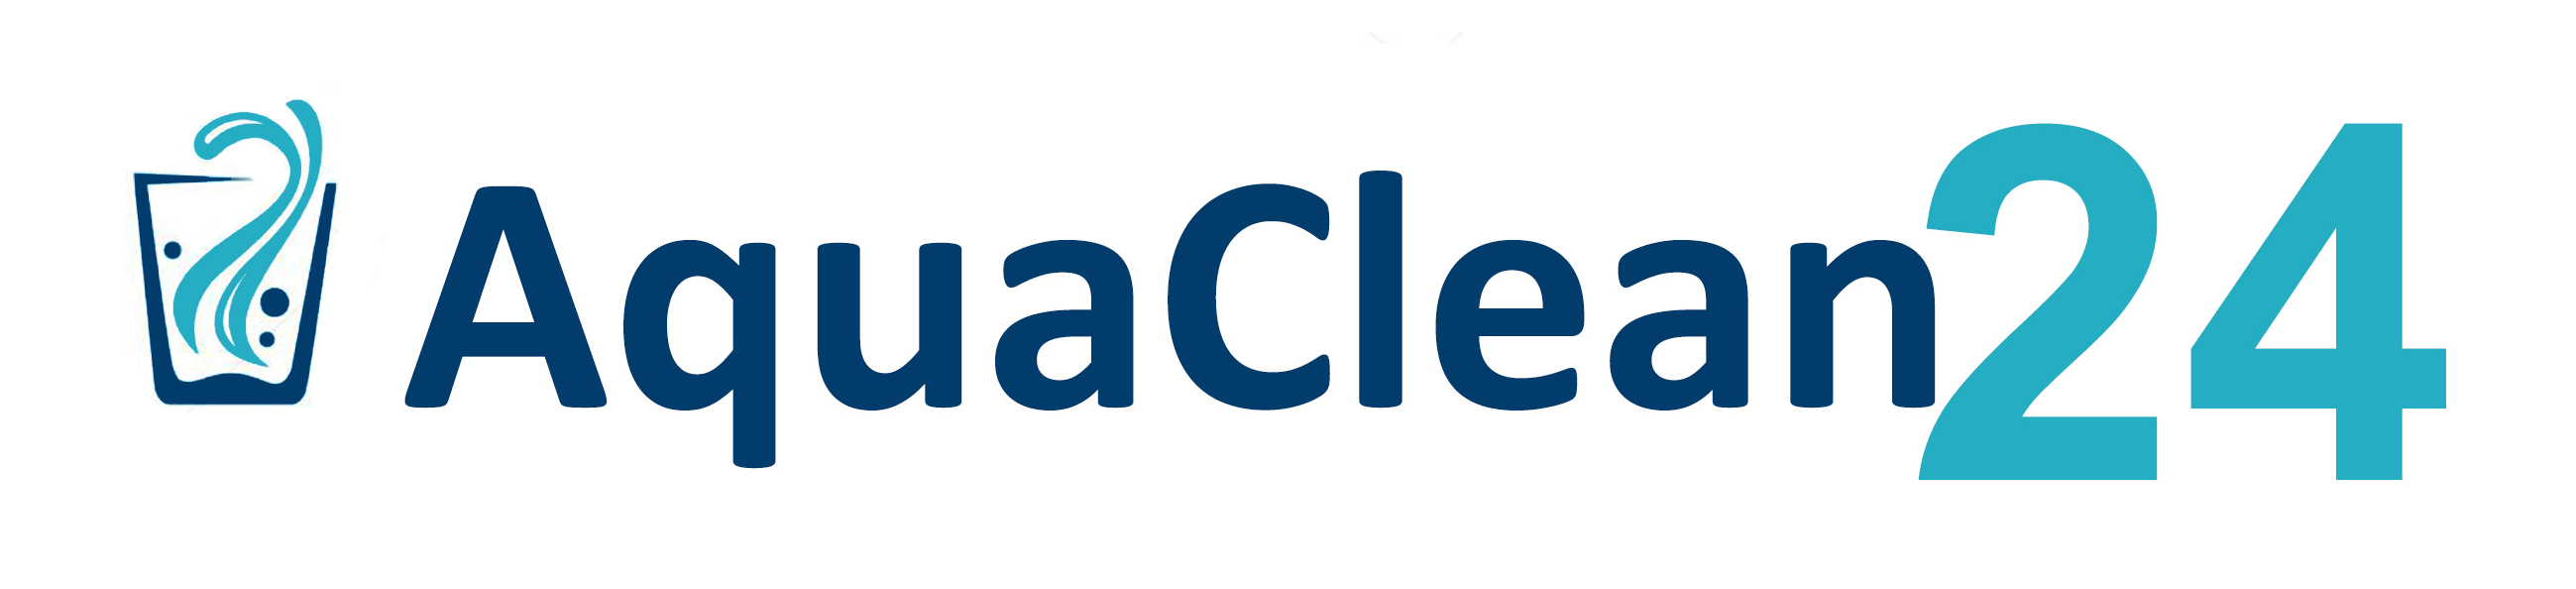 AquaClean 24